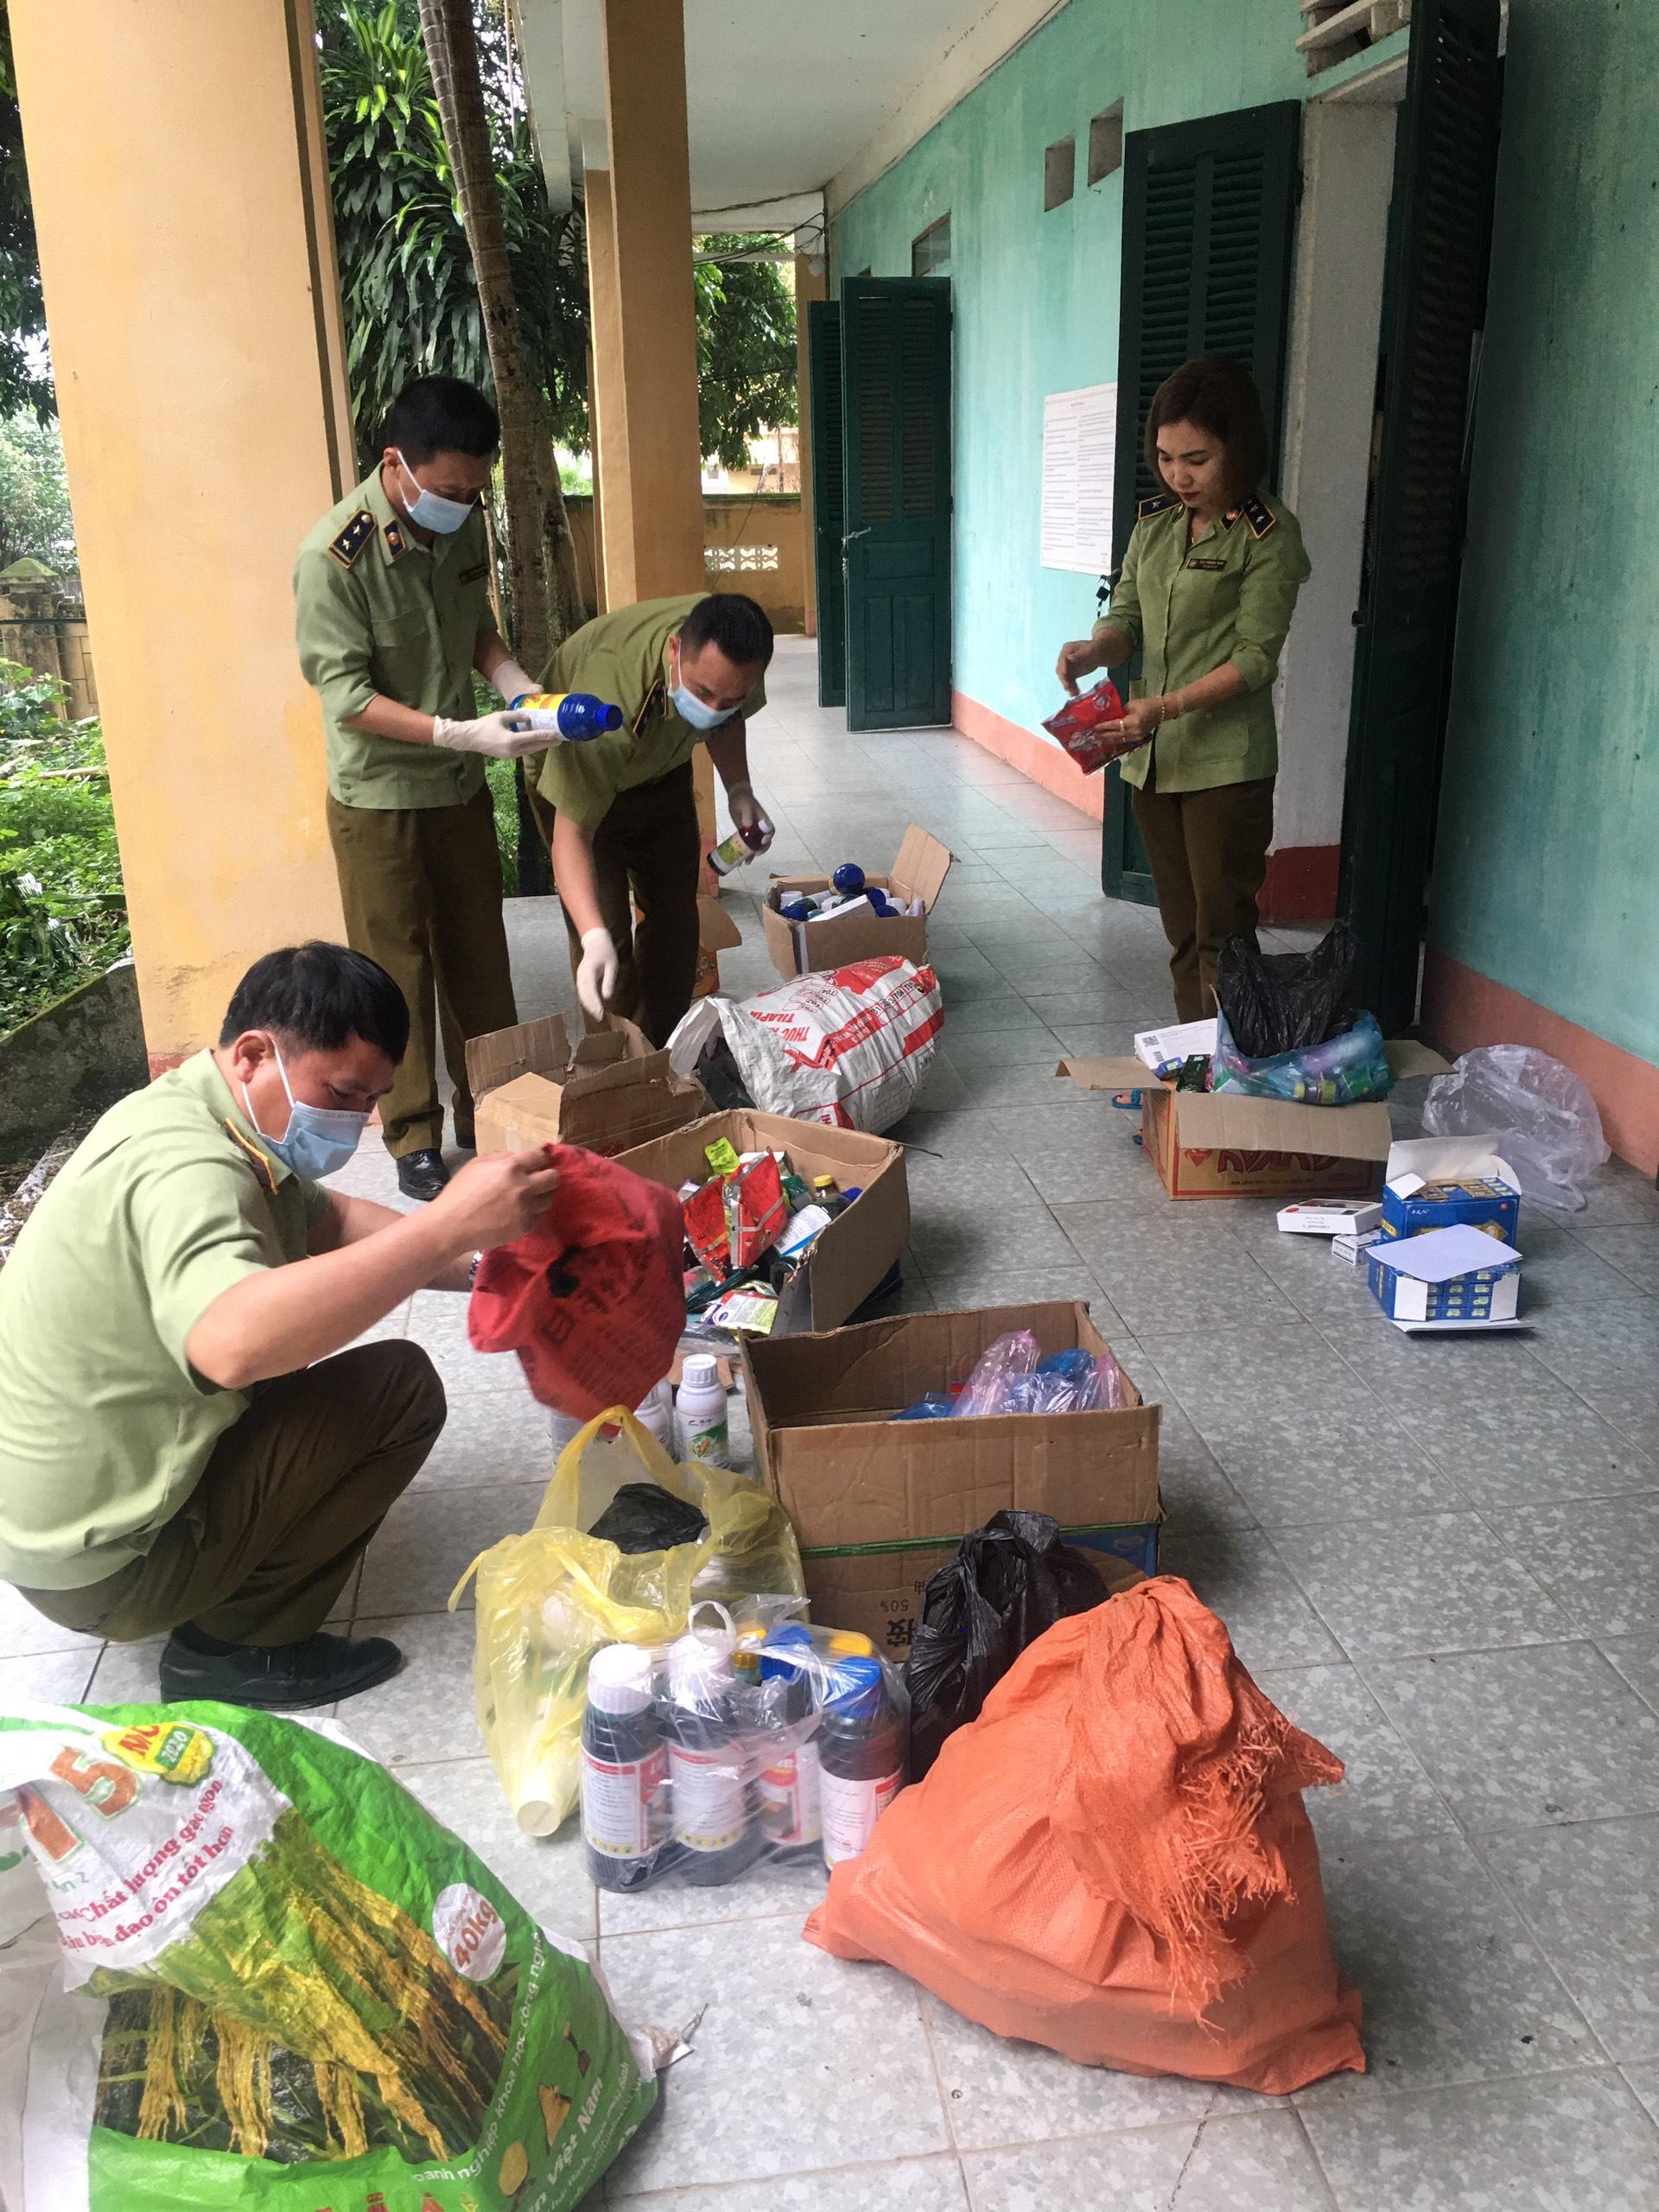 Đội QLTT số 3, Cục QLTT Lào Cai thu giữ hơn 100 kg thuốc Bảo vệ thực vật không rõ nguồn gốc xuất xứ